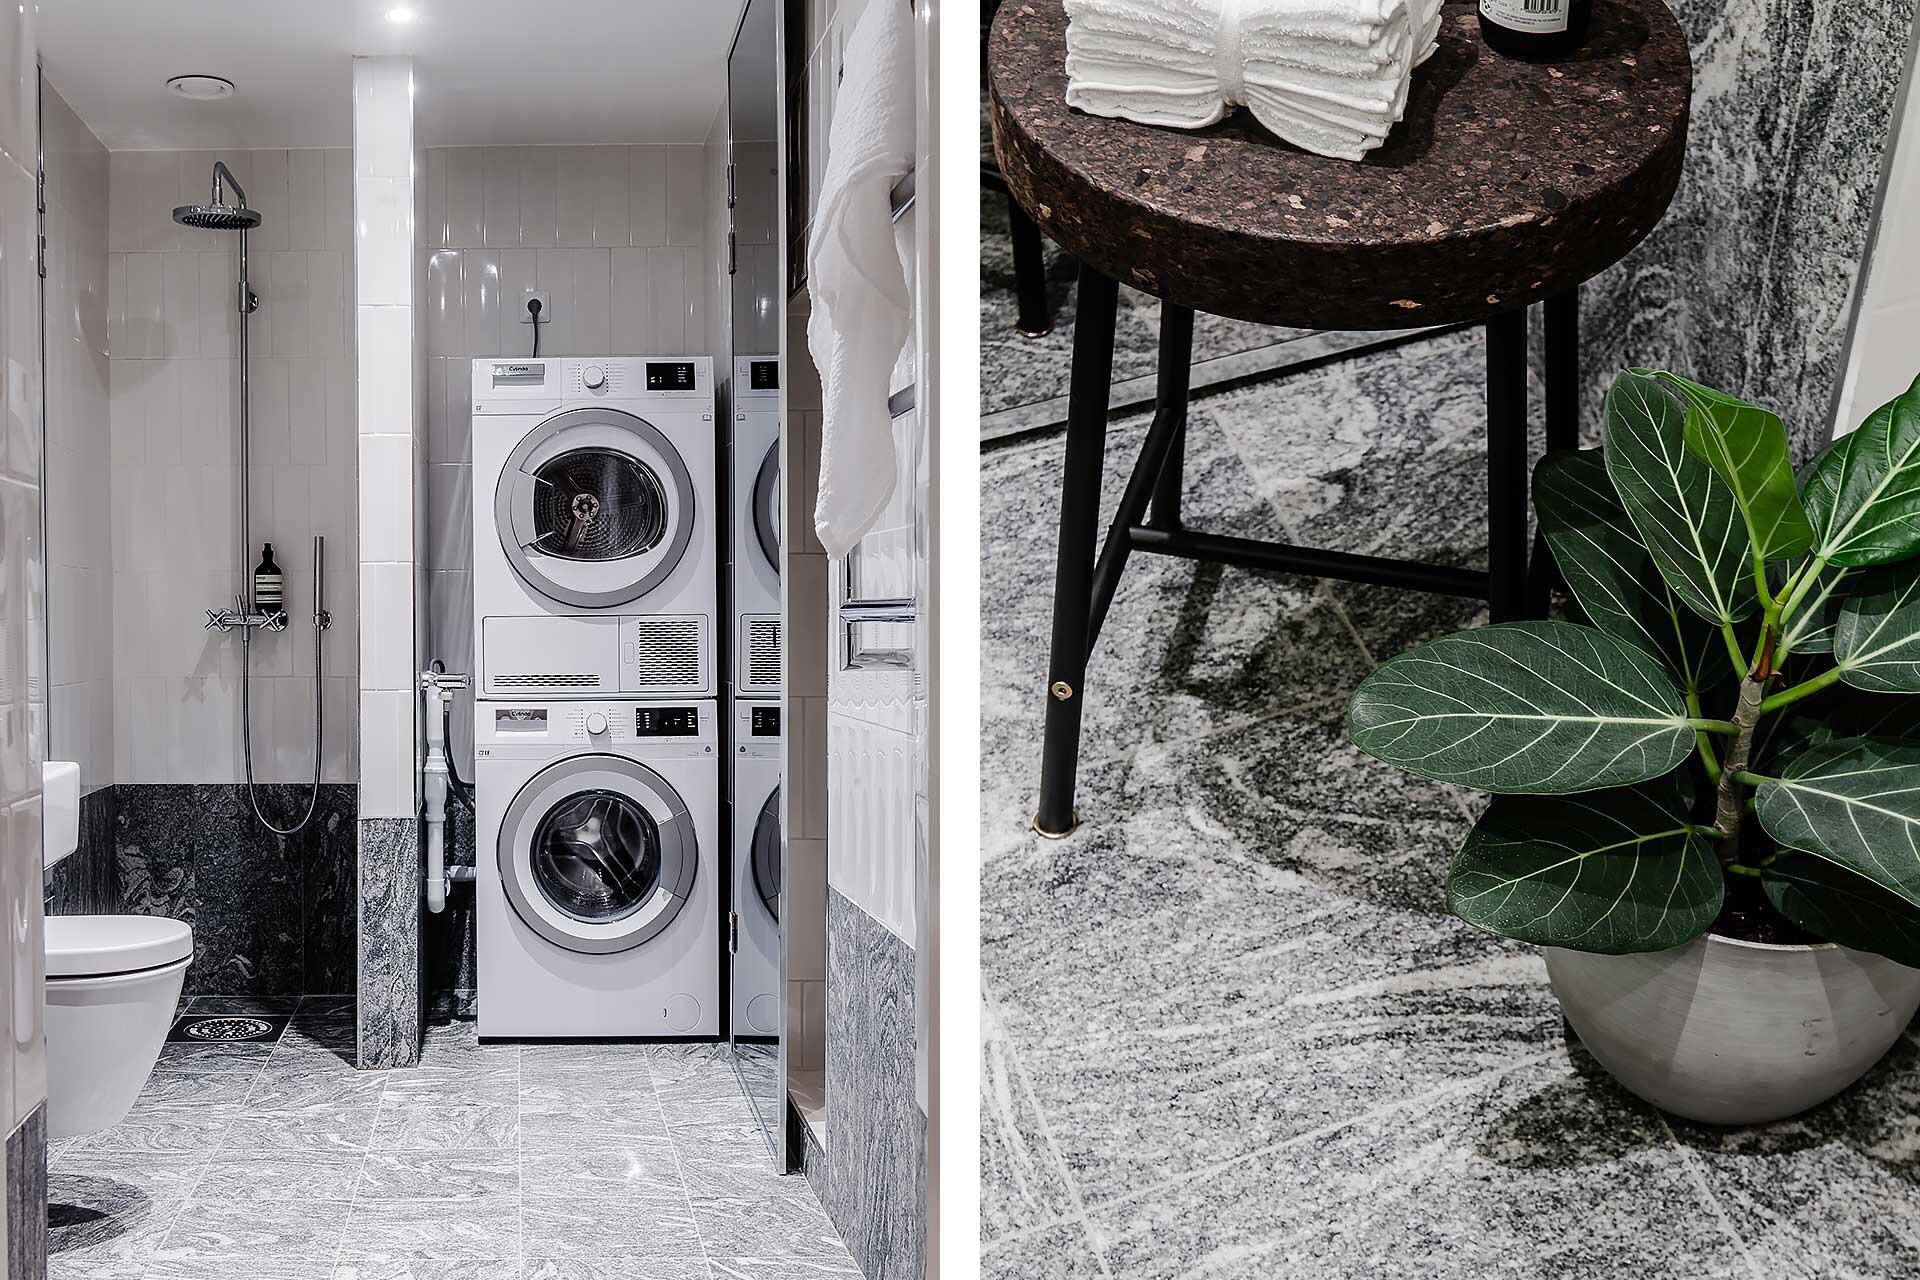 санузел прачечная стиральная сушильная машина